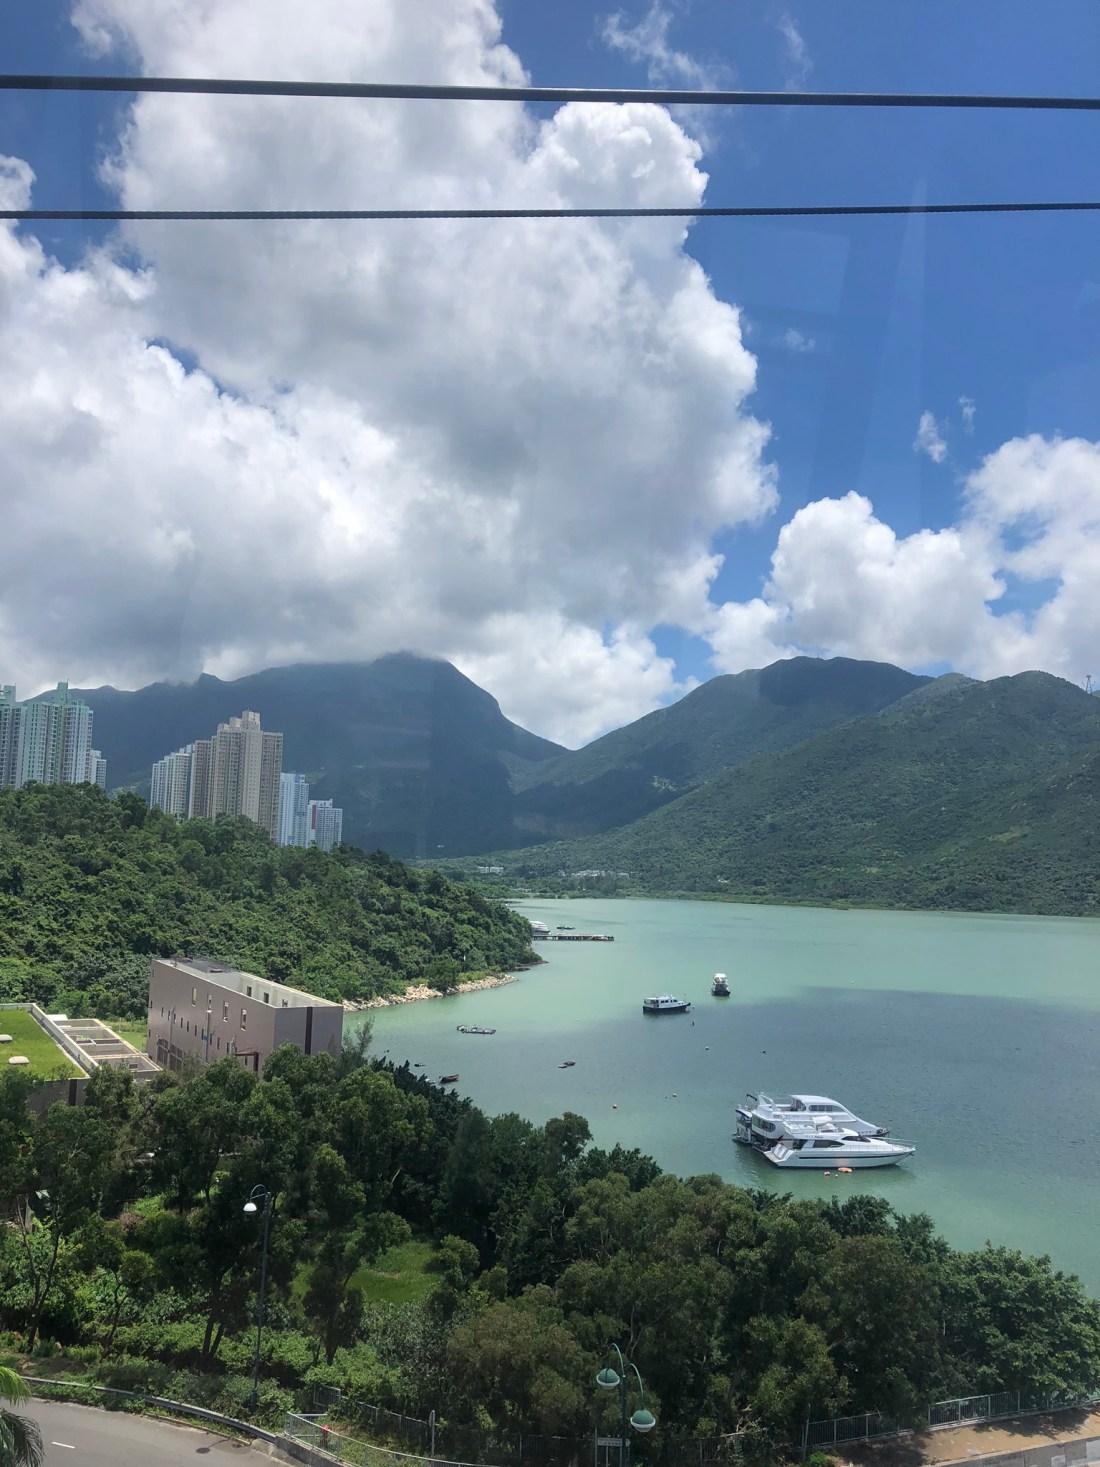 Views over Hong Kong from the Ngong Ping 360